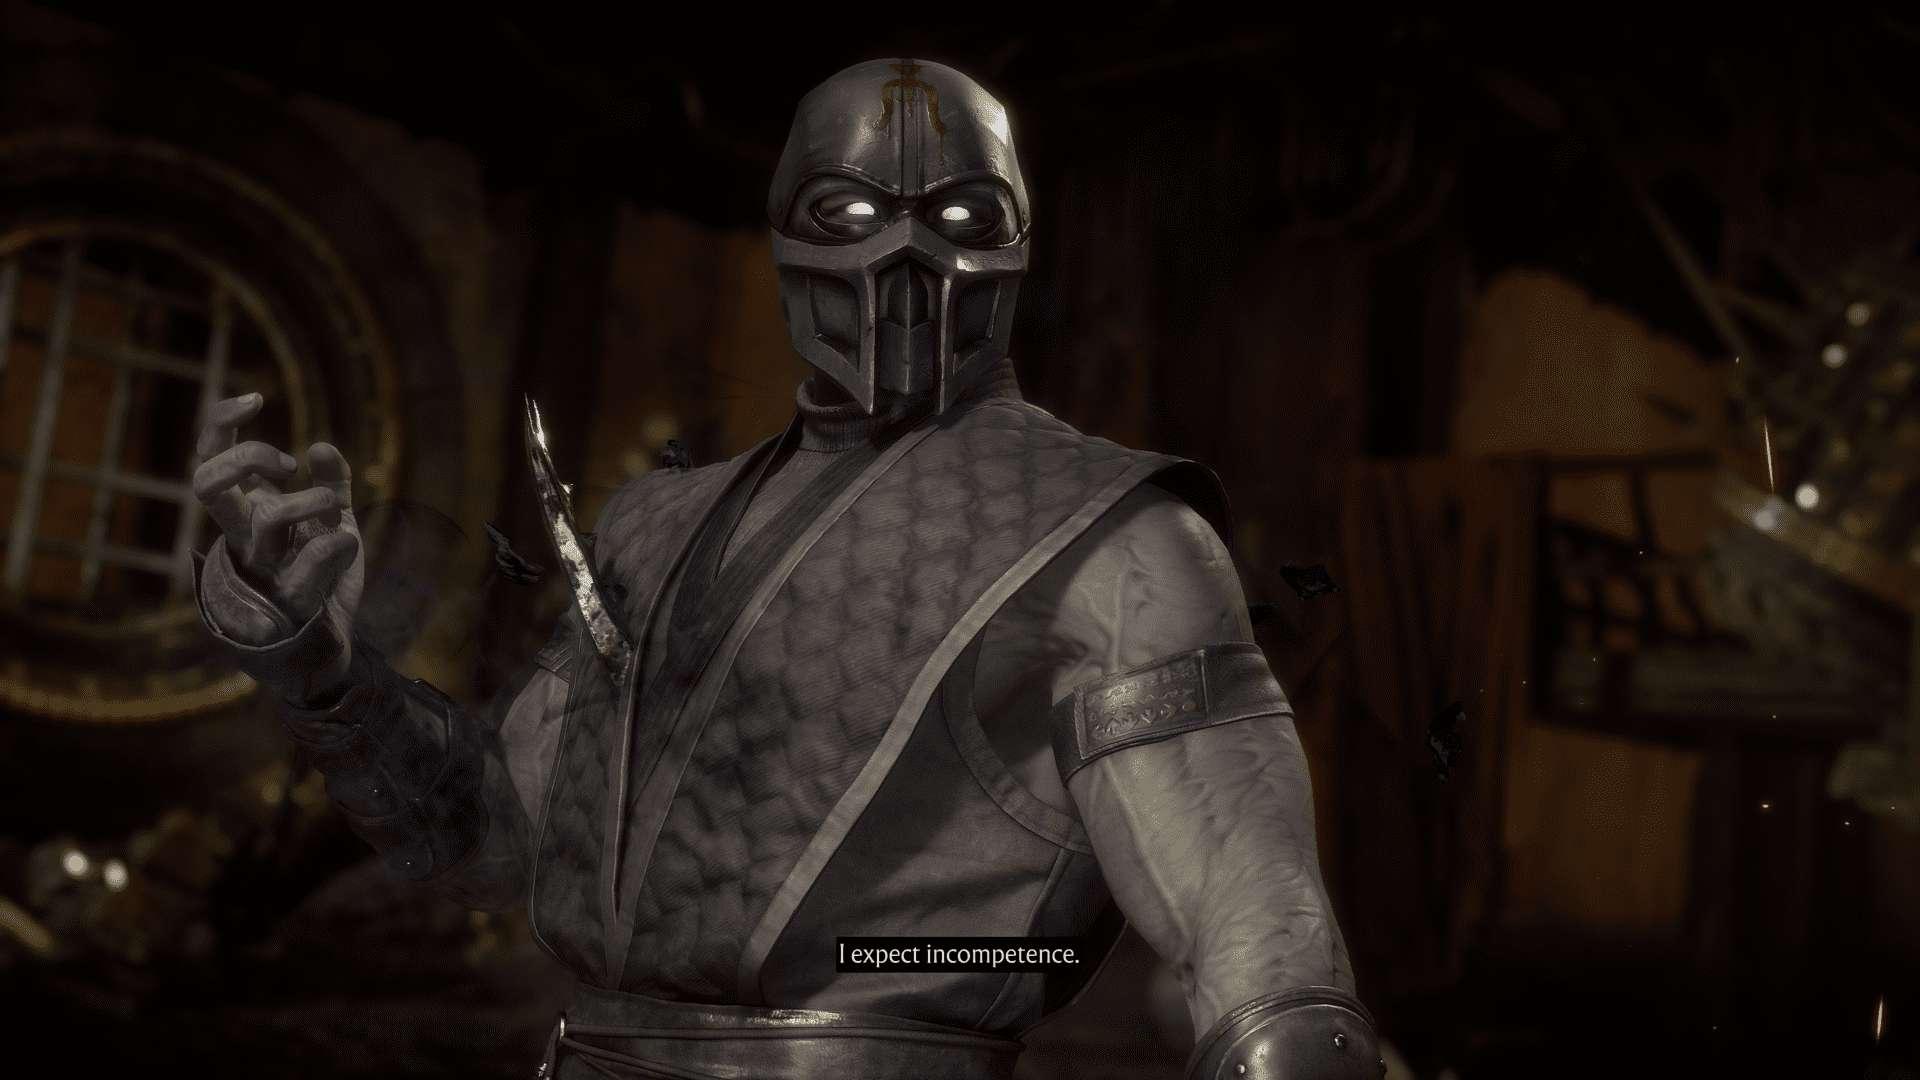 Captura de tela de Mortal Kombat 11 destacando Noob Saibot